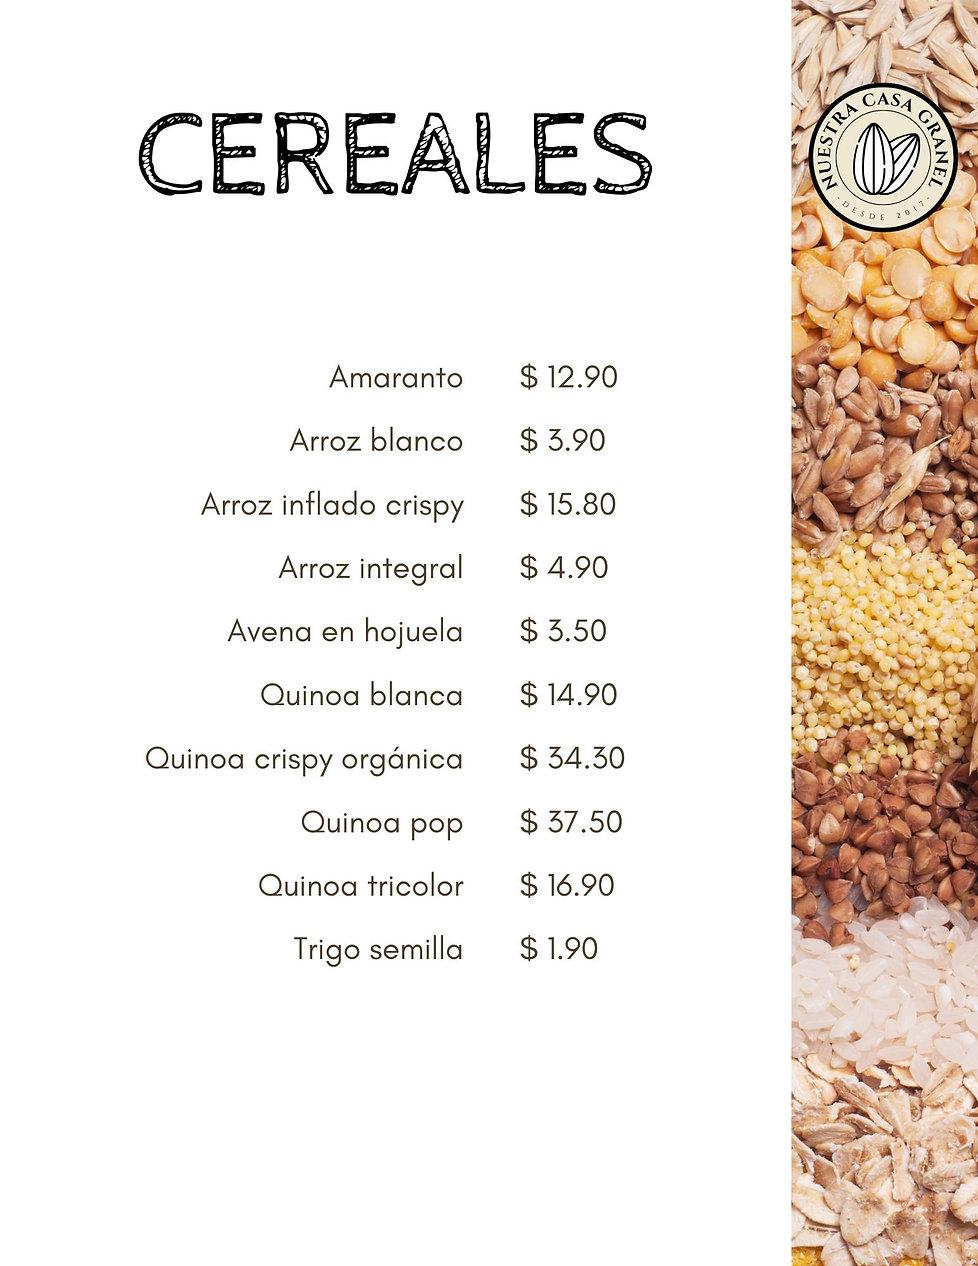 Marrón Oscuro Fondo con Textura Símil Papel Café Menú.jpg